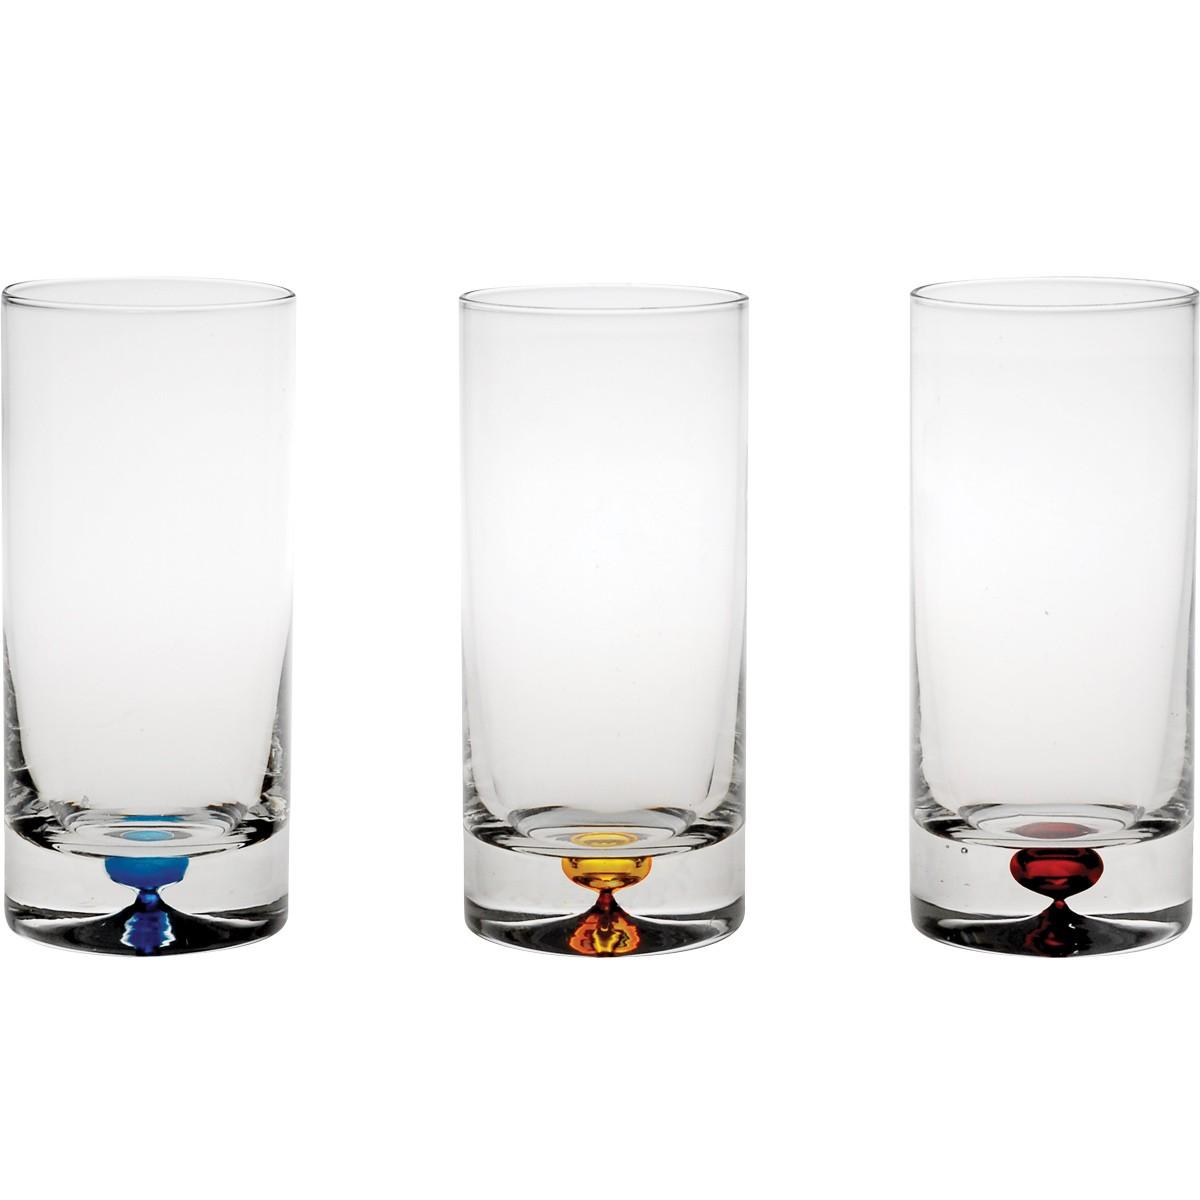 Ποτήρια Νερού Σωλήνας (Σετ 6τμχ) Home Design SXITU/9303